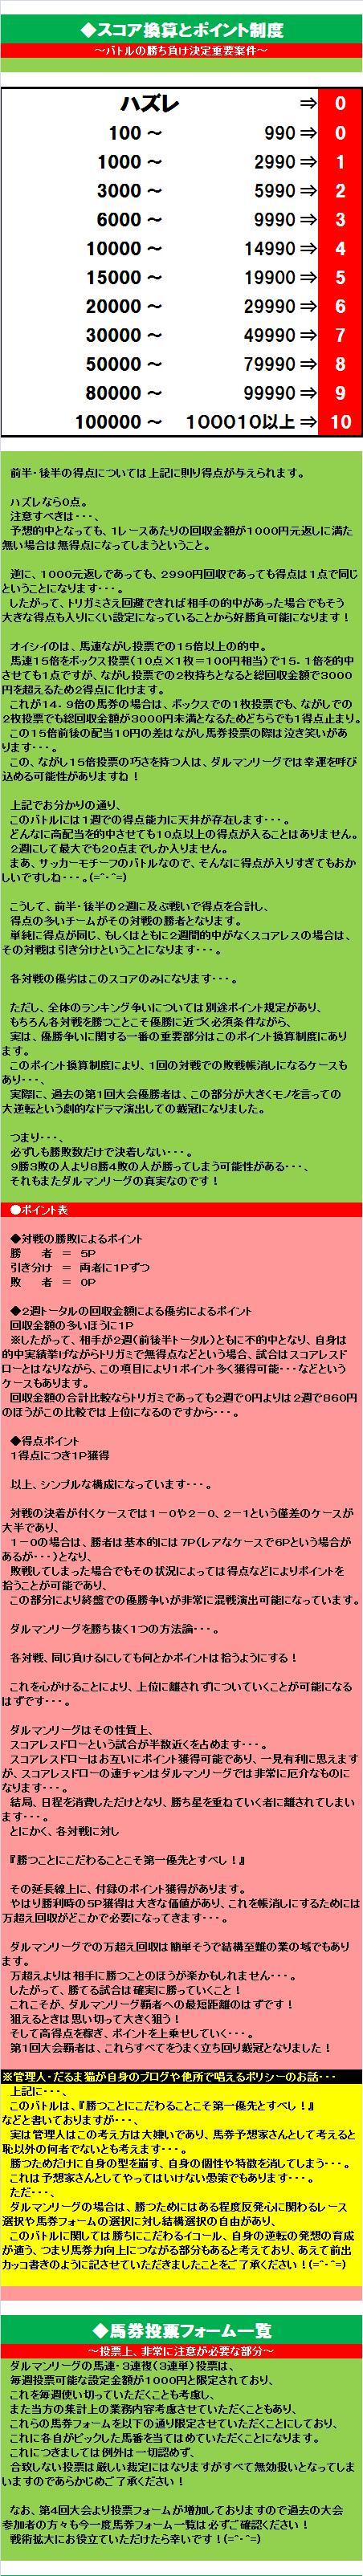 20120506・ダルマンリーグ・ルール⑤.jpg